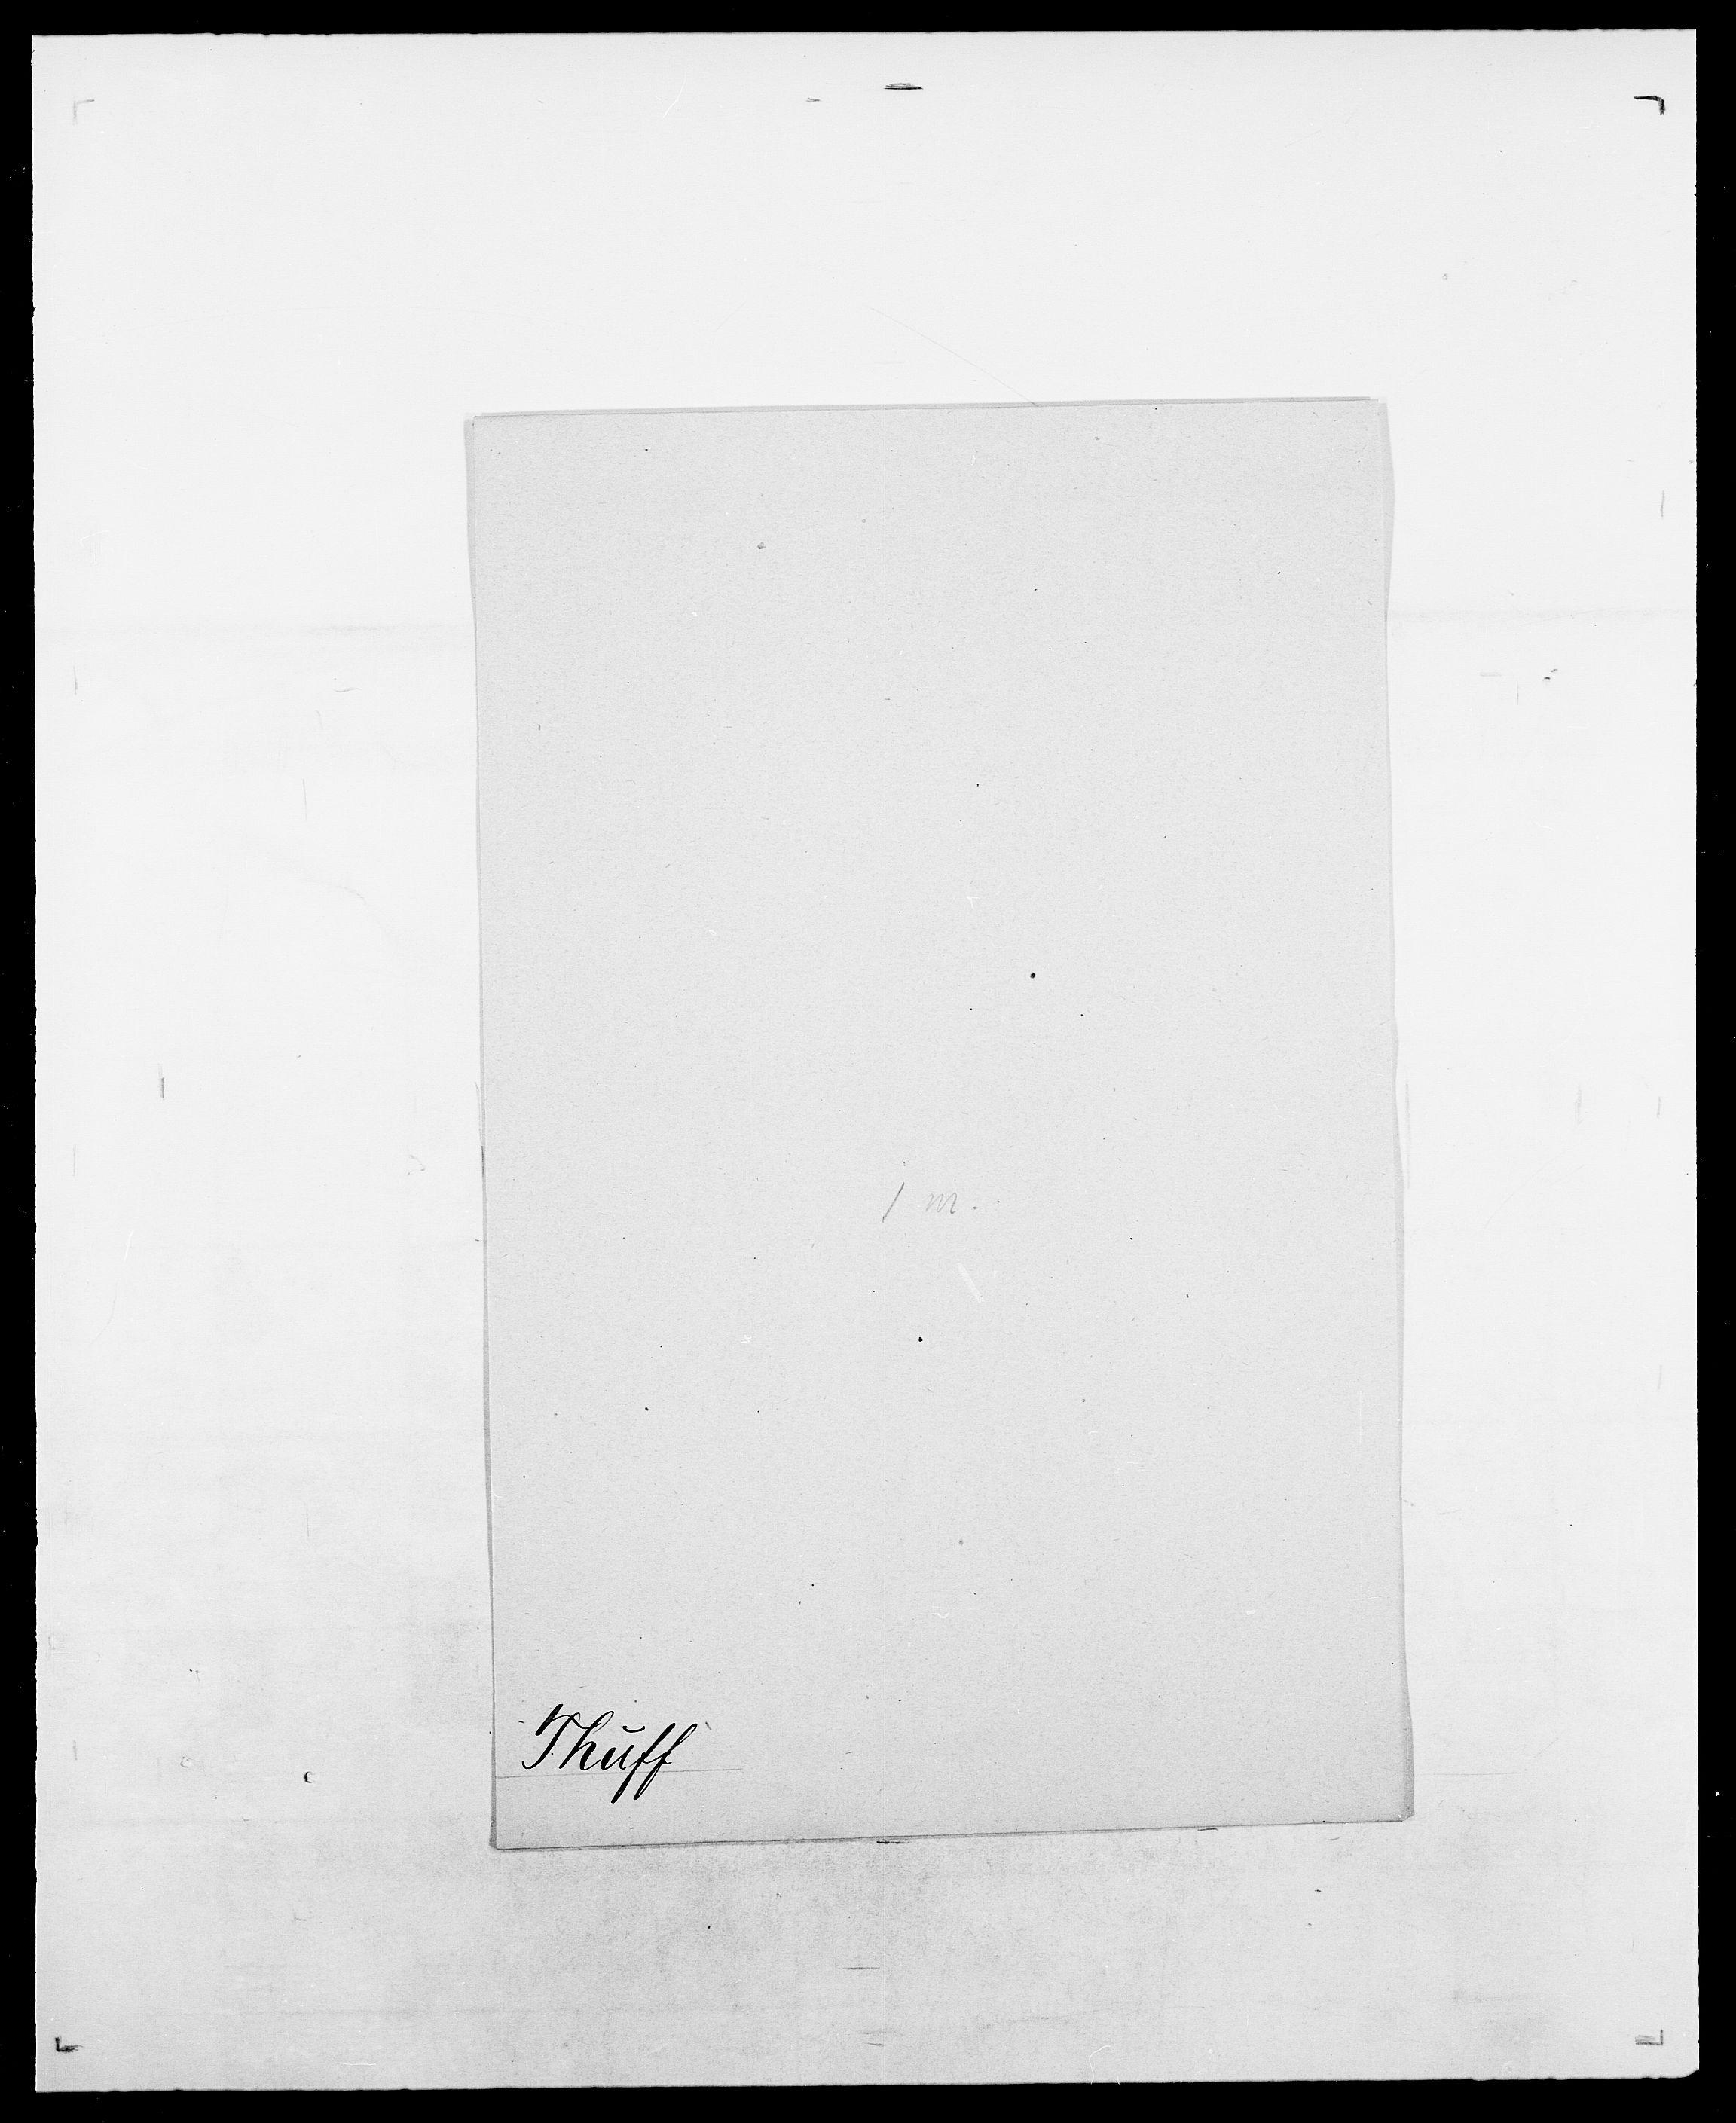 SAO, Delgobe, Charles Antoine - samling, D/Da/L0038: Svanenskjold - Thornsohn, s. 1014